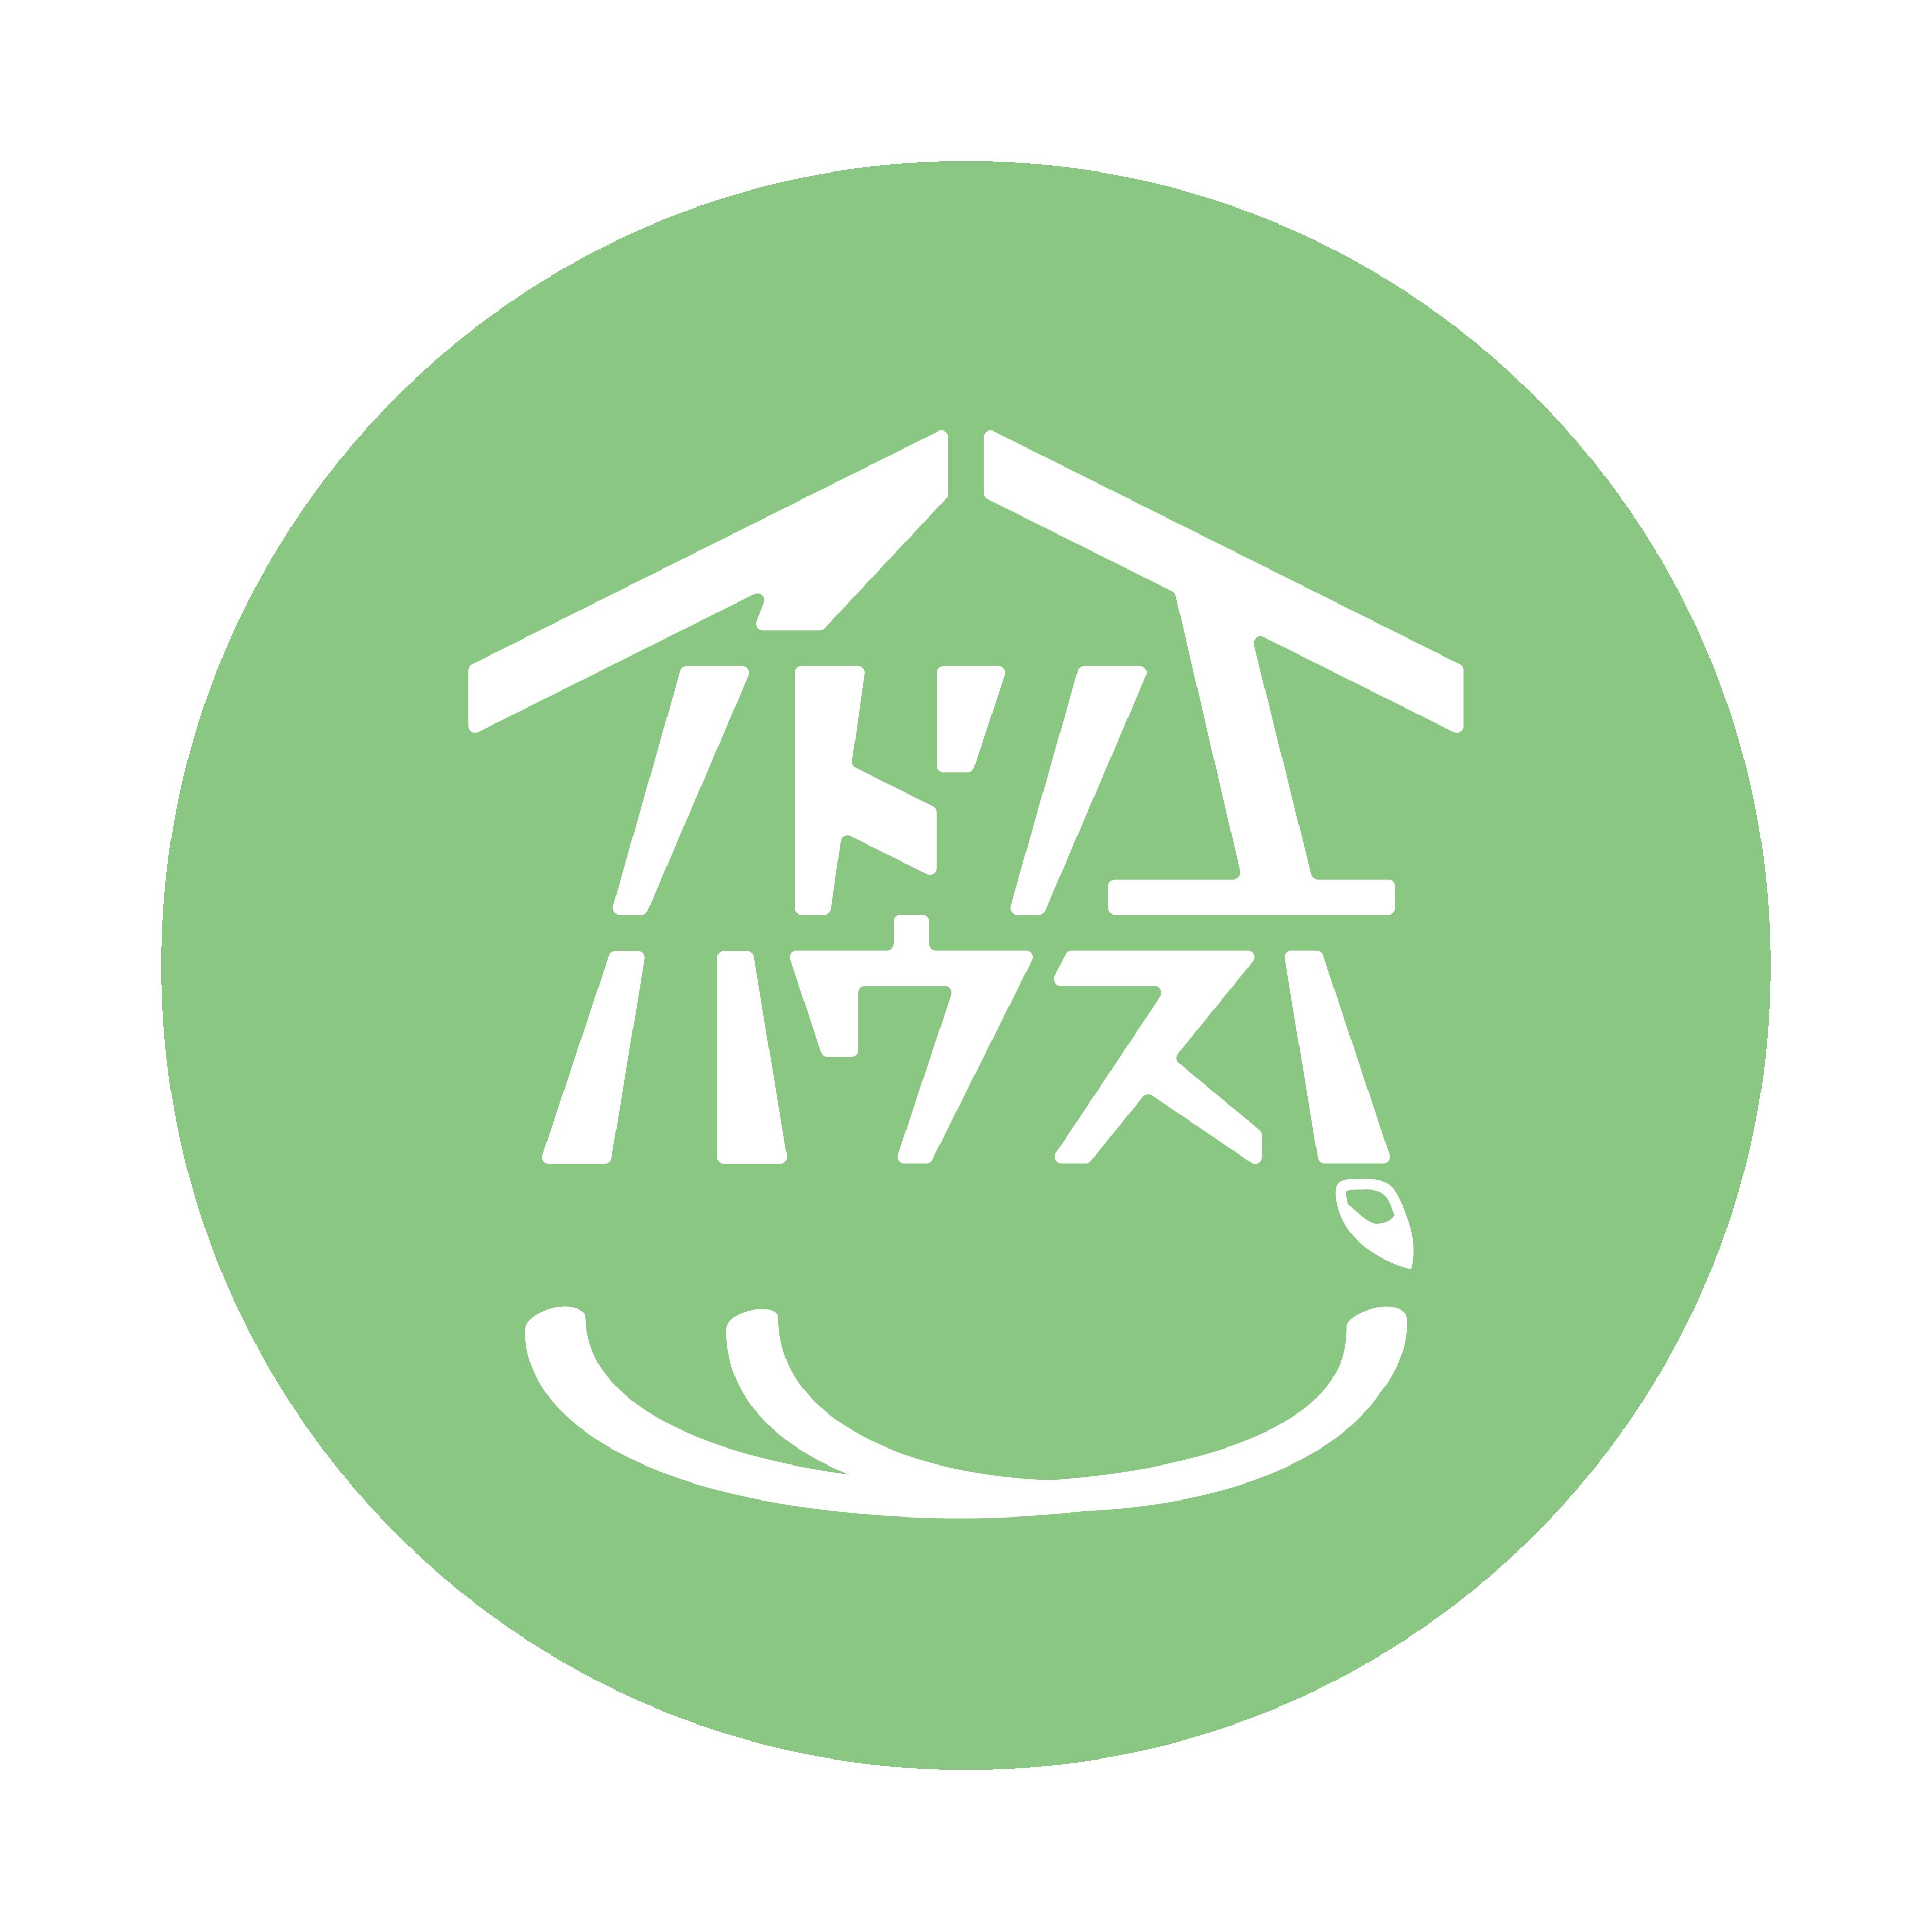 アトリエハウス さま ロゴ